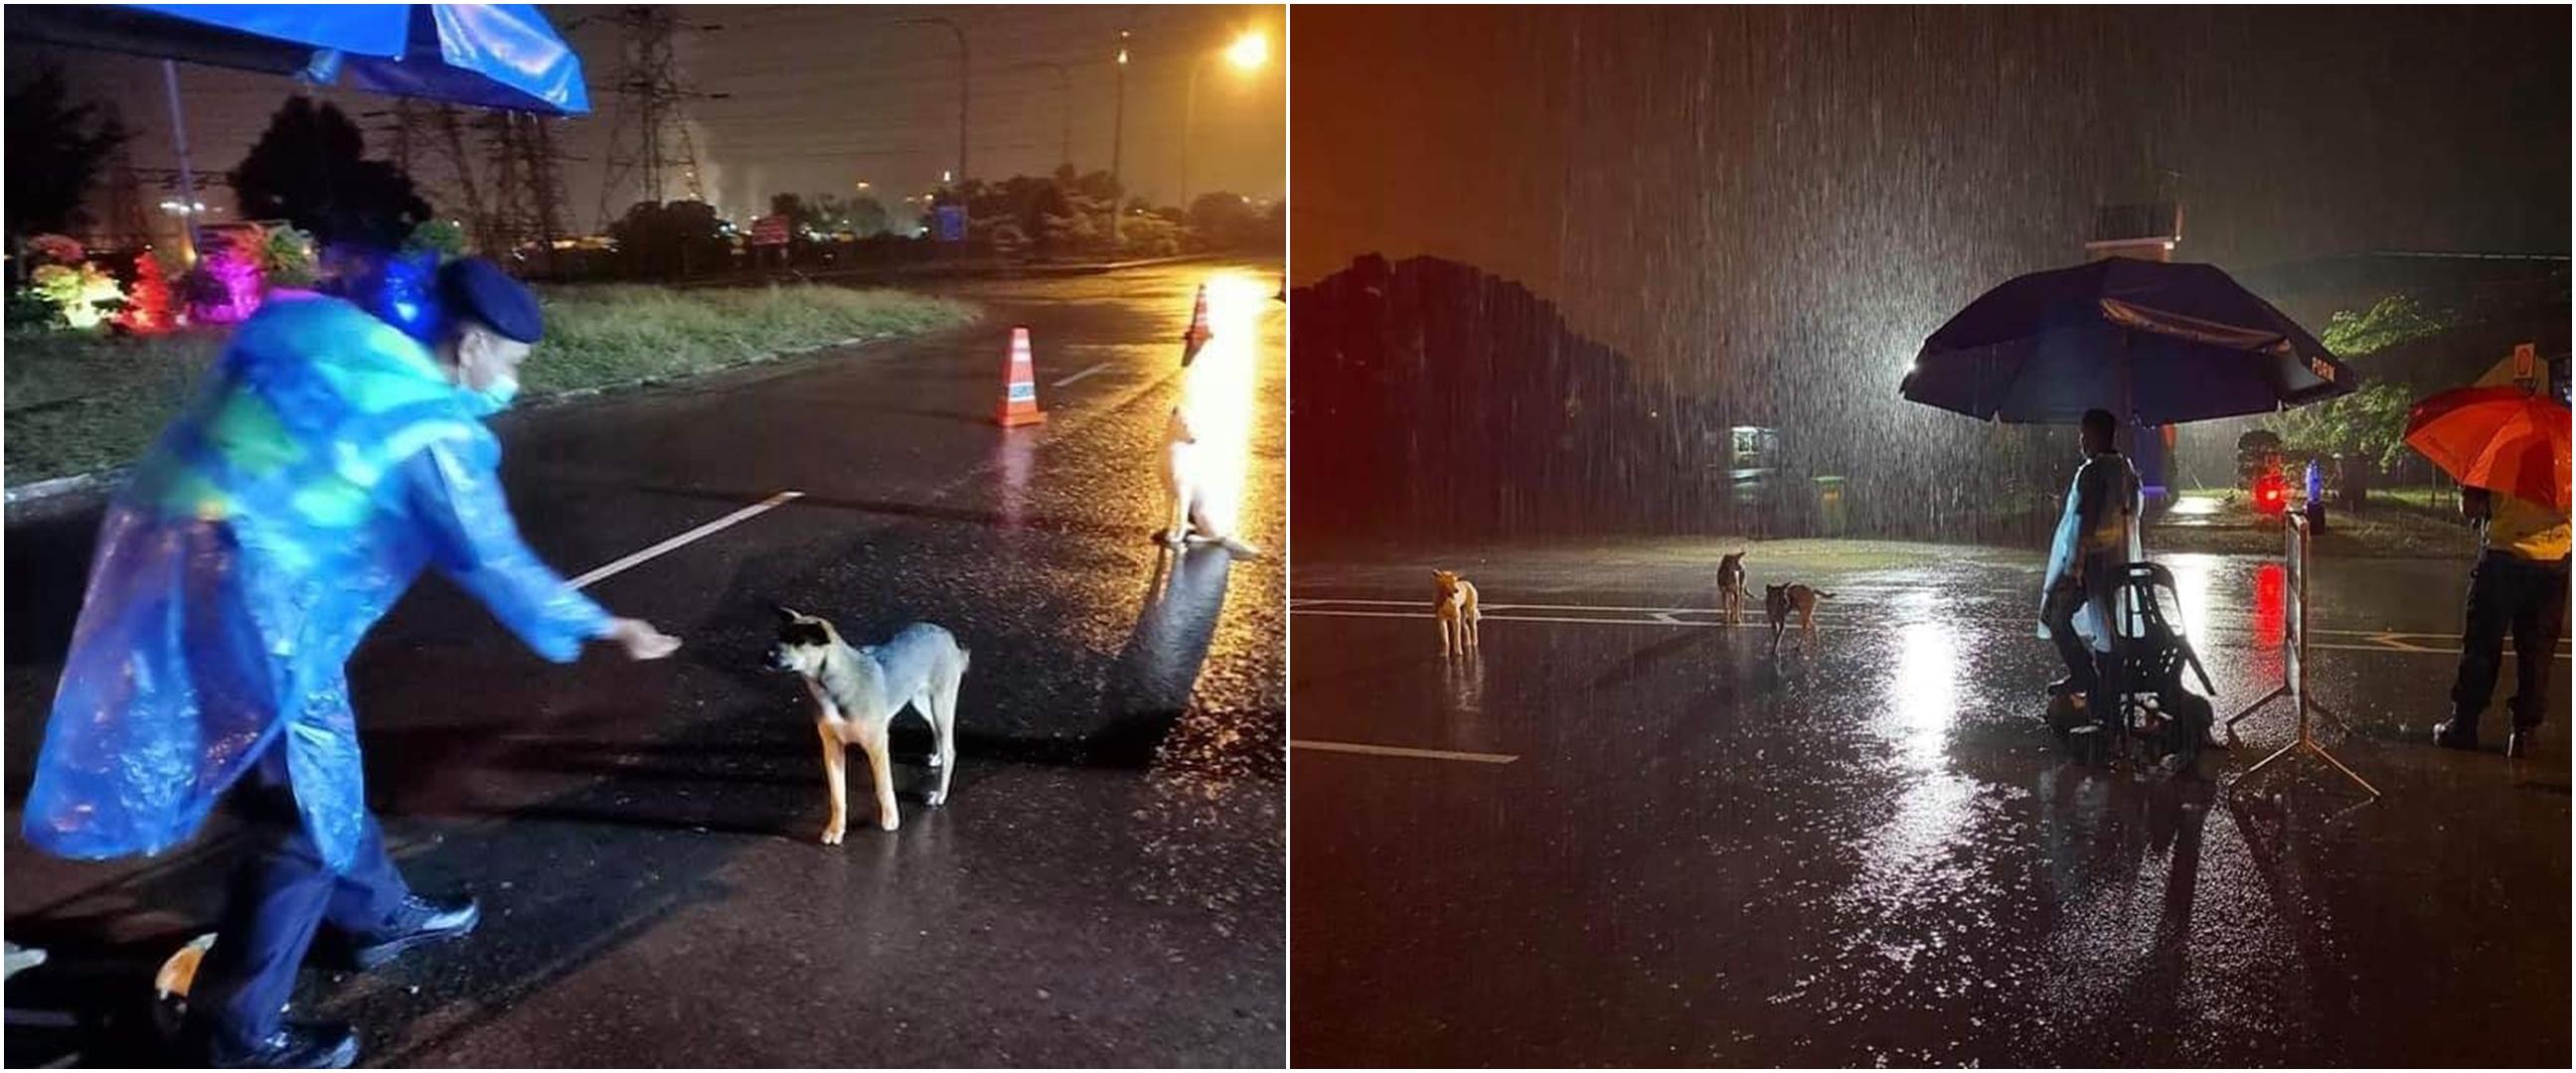 Potret polisi sahur di jalan sambil beri makan anjing liar, salut